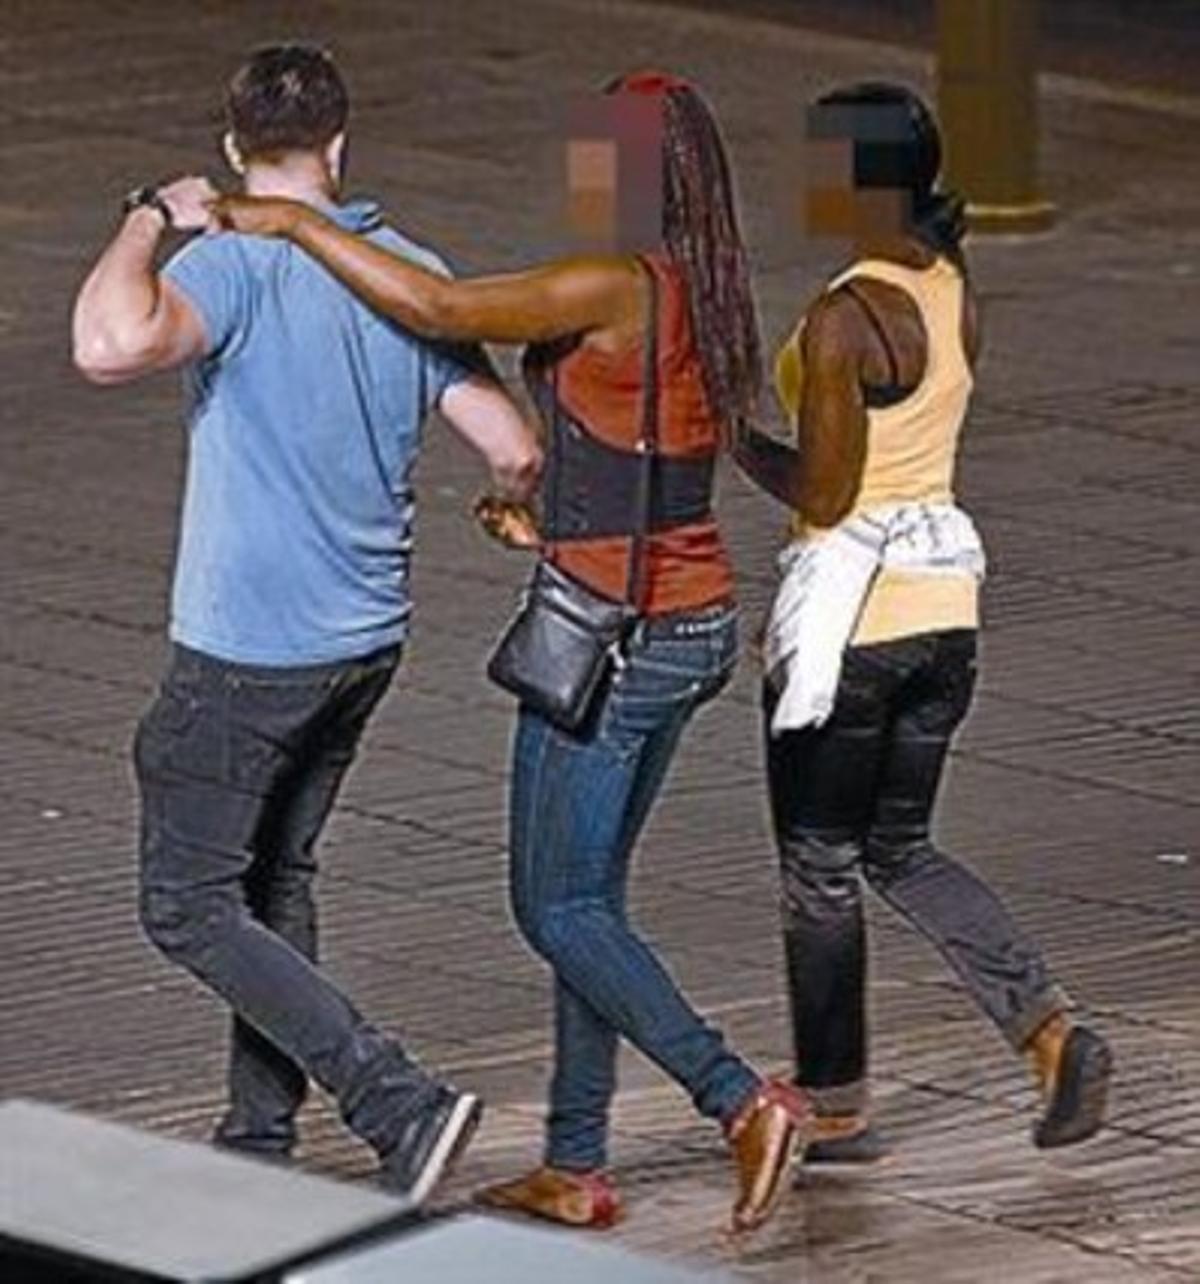 Dos prostitutas acosan a un hombre en la Rambla.